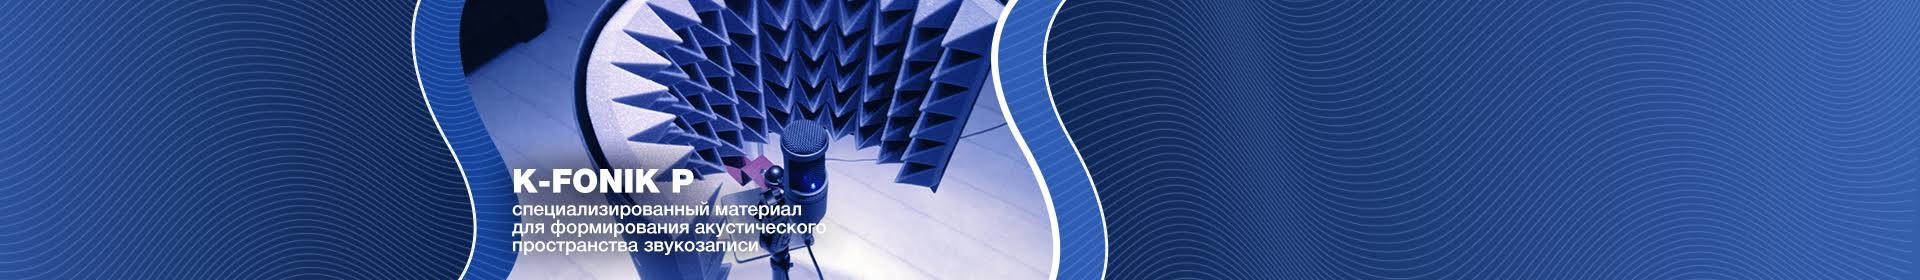 K-FONIK P специализированный материал для формирования акустического пространства звукозаписи.